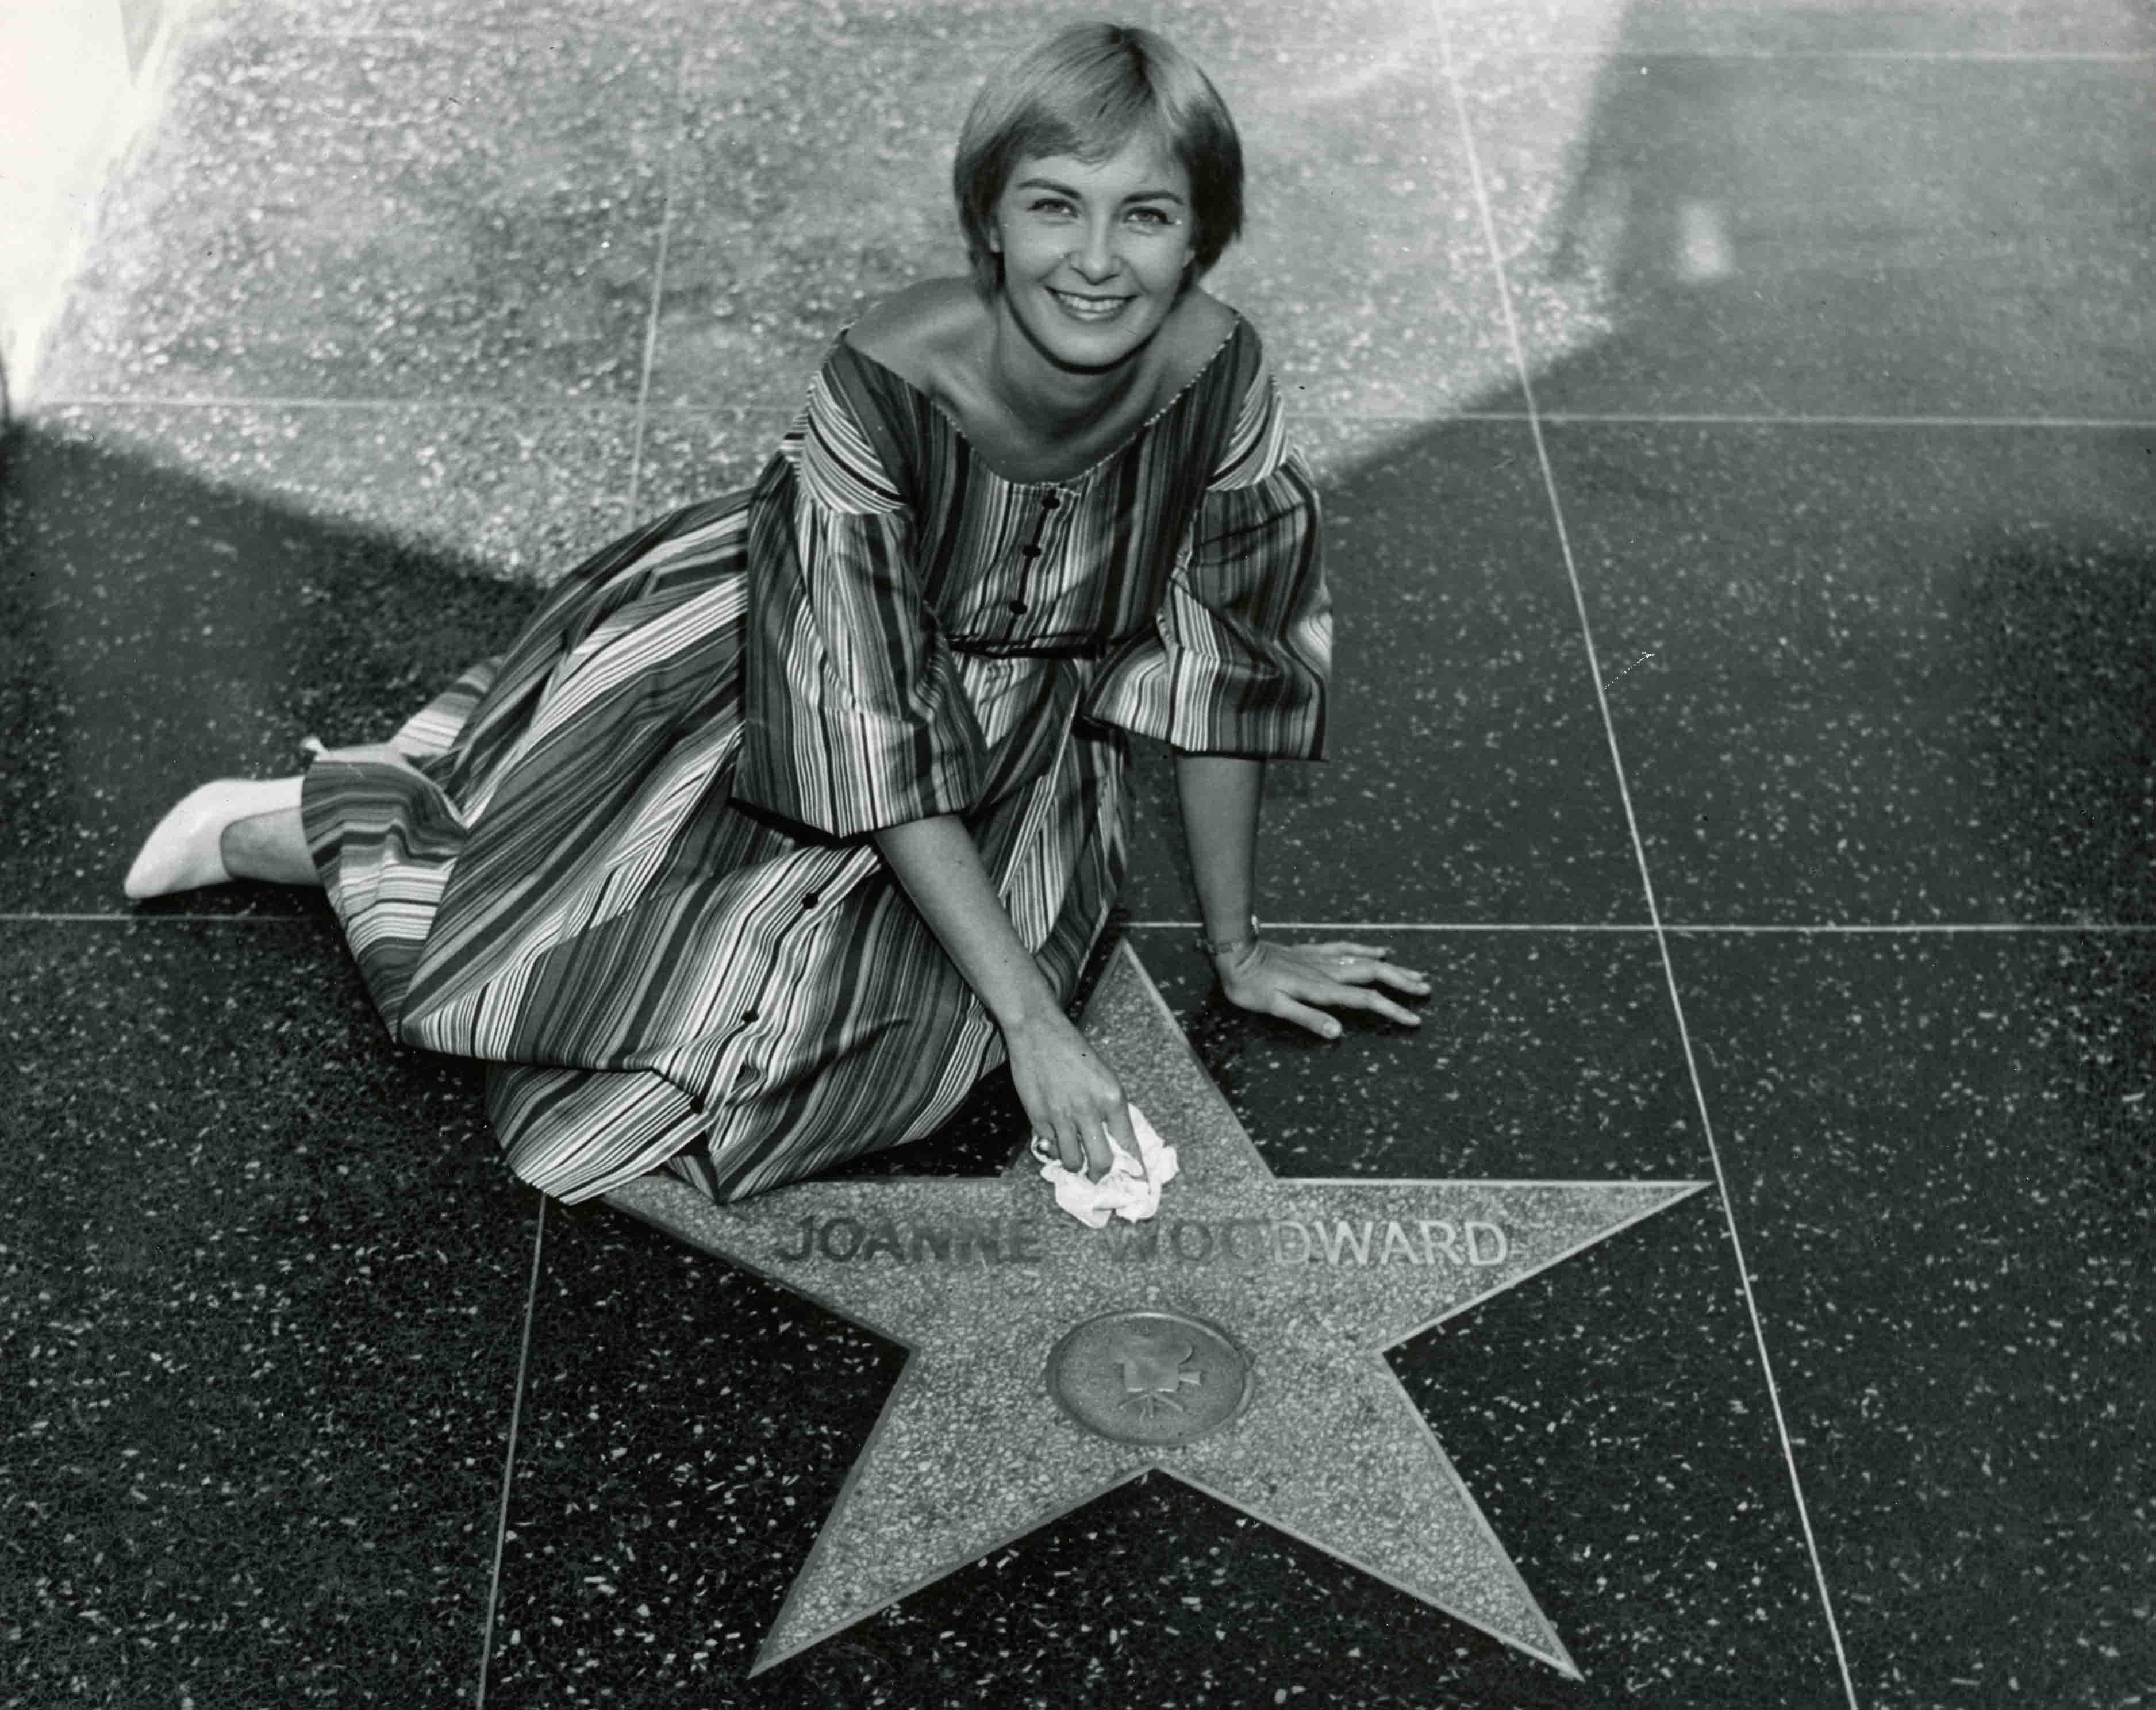 Joanne Woodward HD